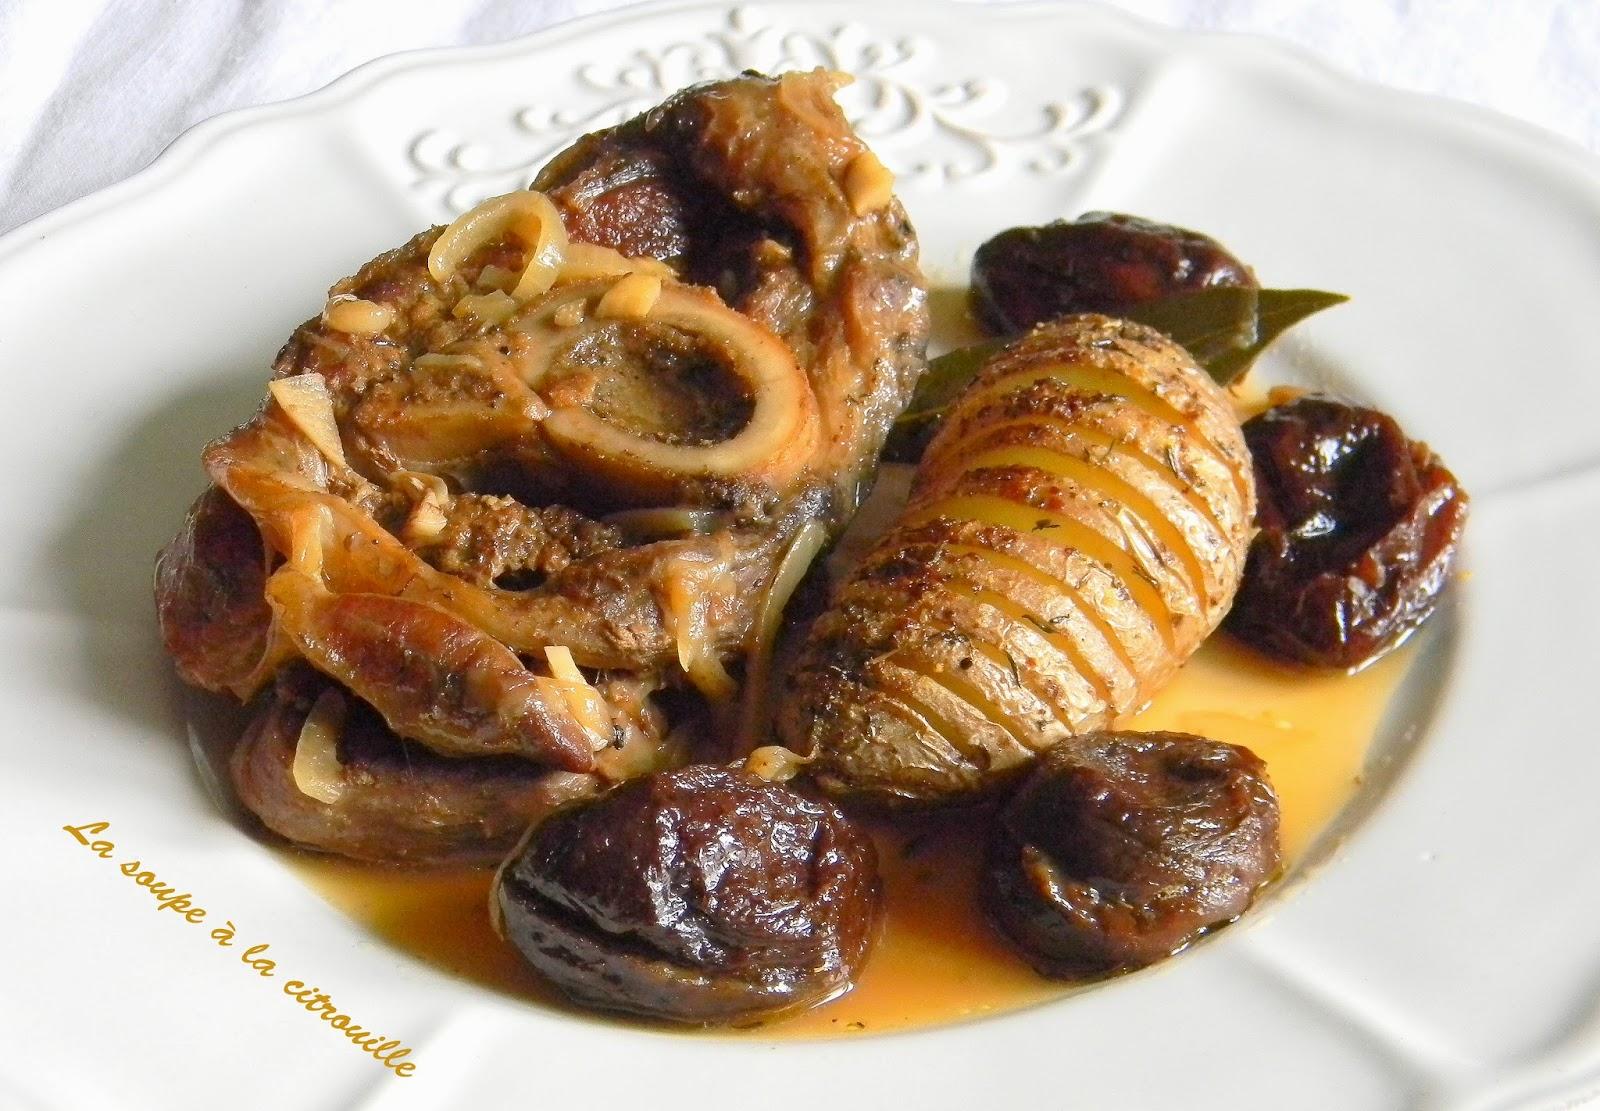 La soupe la citrouille jarret de veau brais au cidre - Jarret de veau au four ...